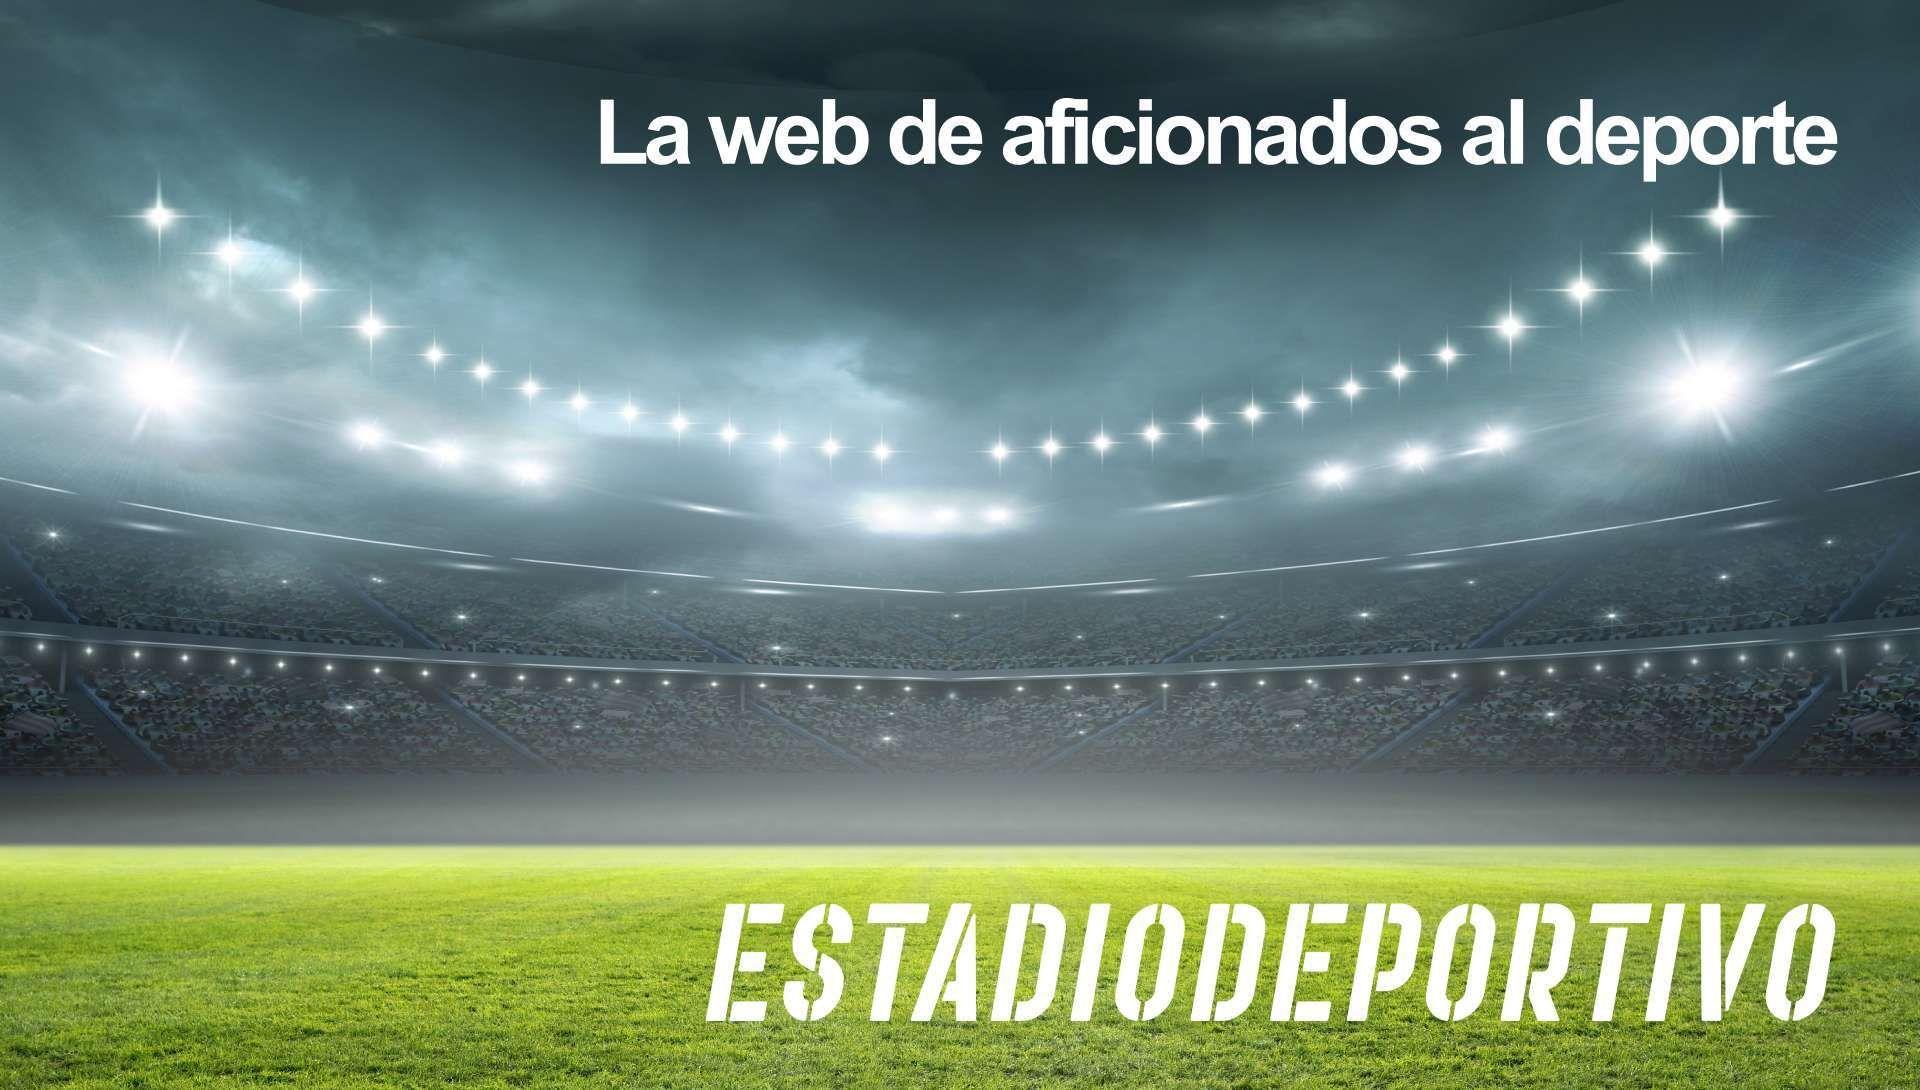 La portadas de la prensa deportiva